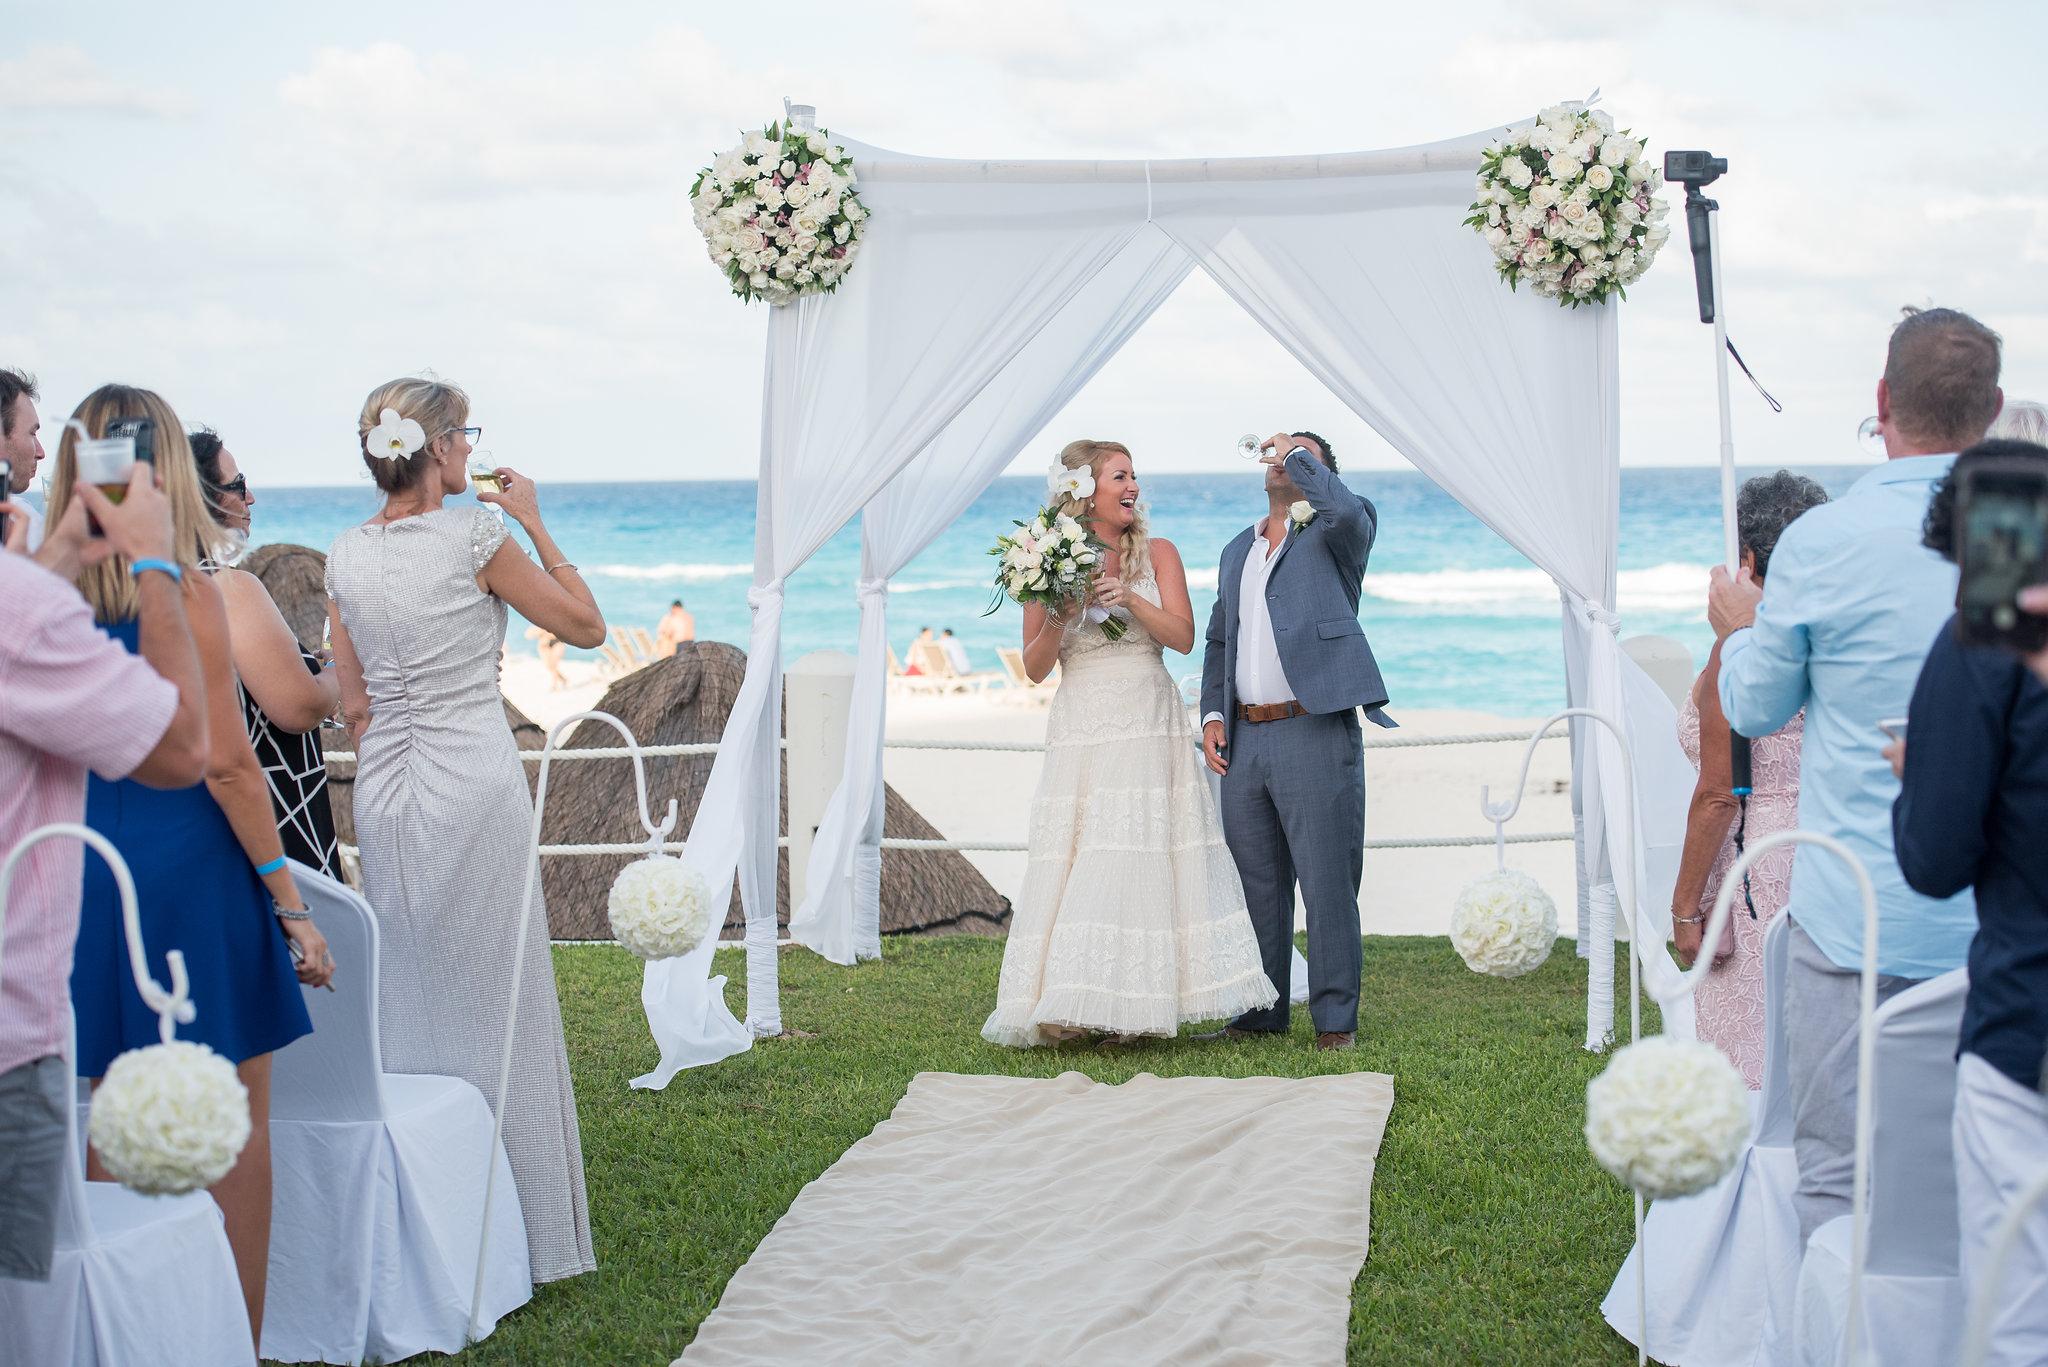 destination-mexico-wedding-photographer-sarah-annay-photography.jpg1.jpg